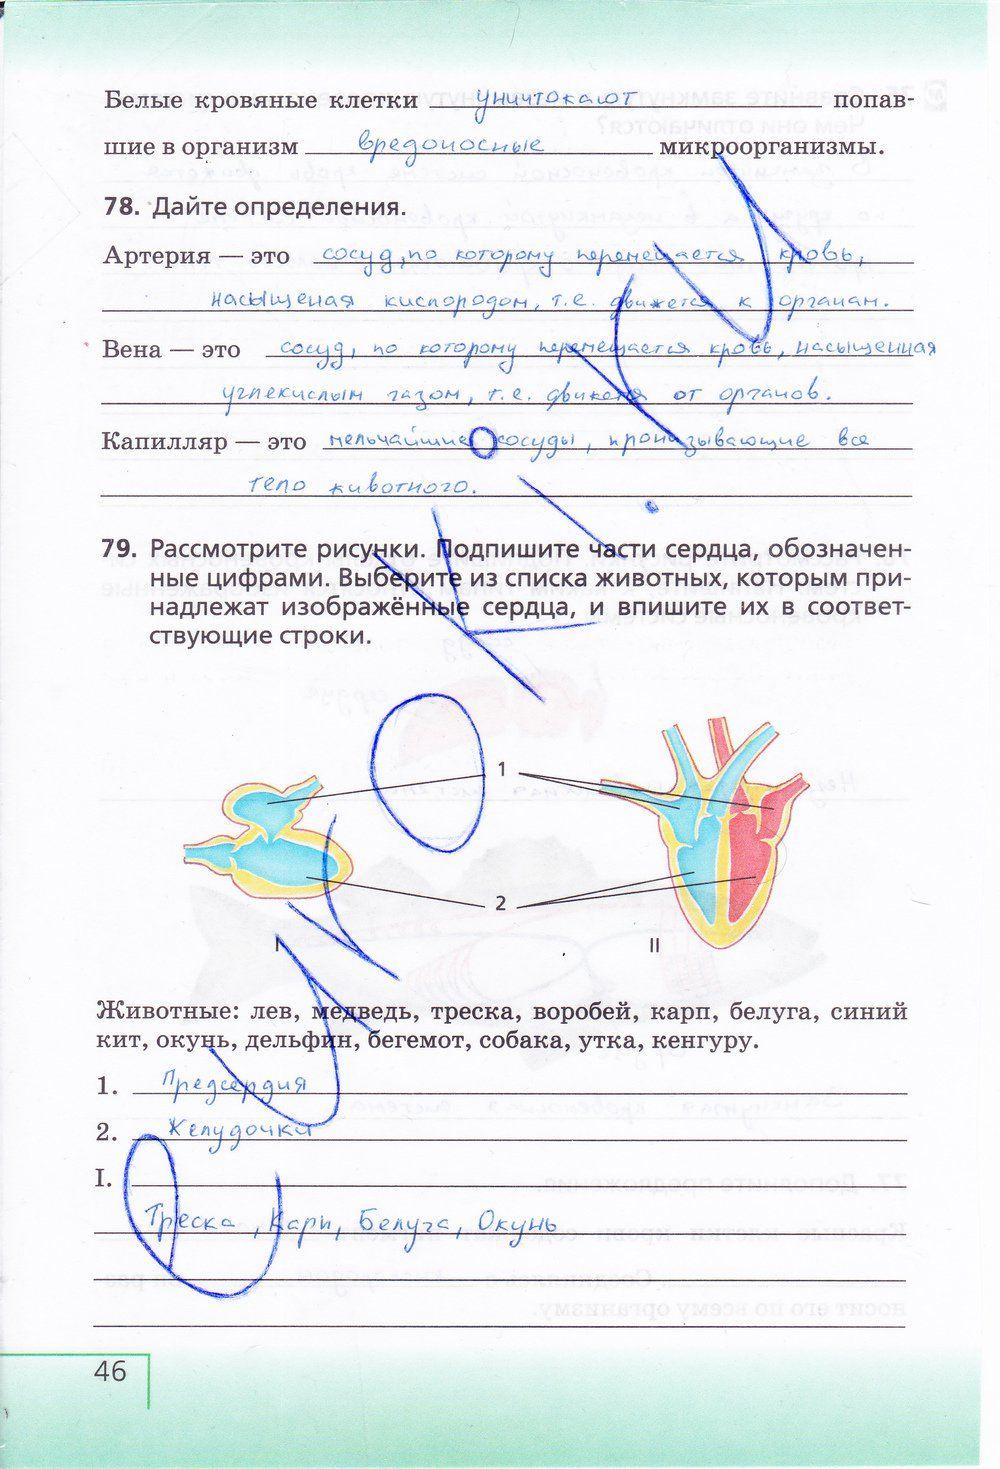 Гдз по русскому языку 6 класс с.и.львова в.в.львов 2 часть не скачать